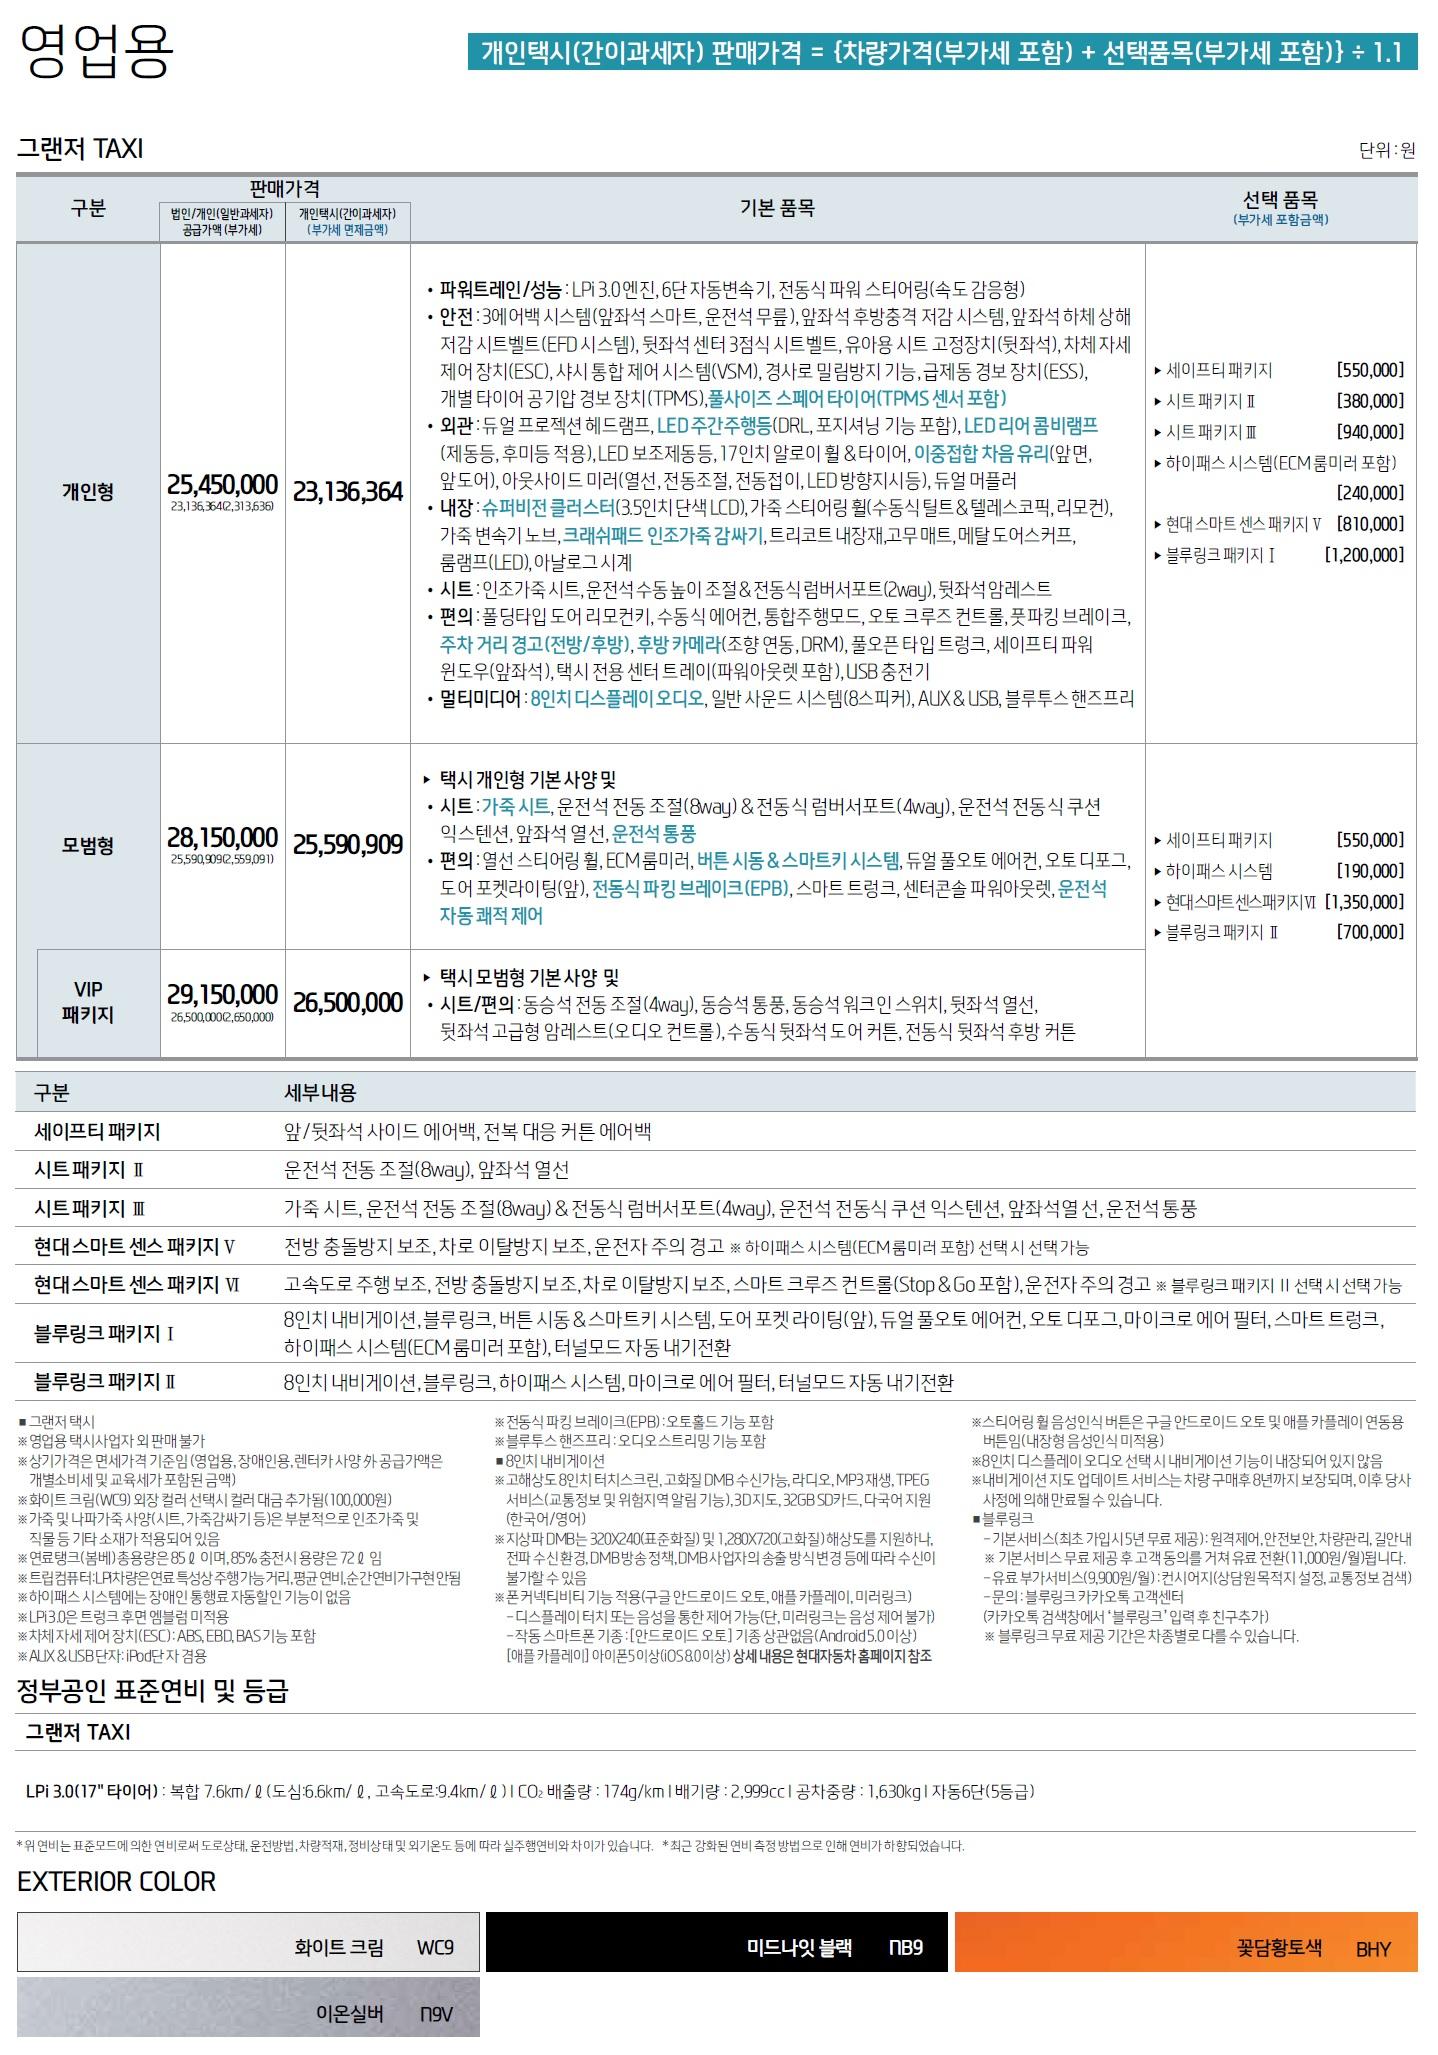 그랜저IG 가격표 - 2019년 06월 -7.jpg